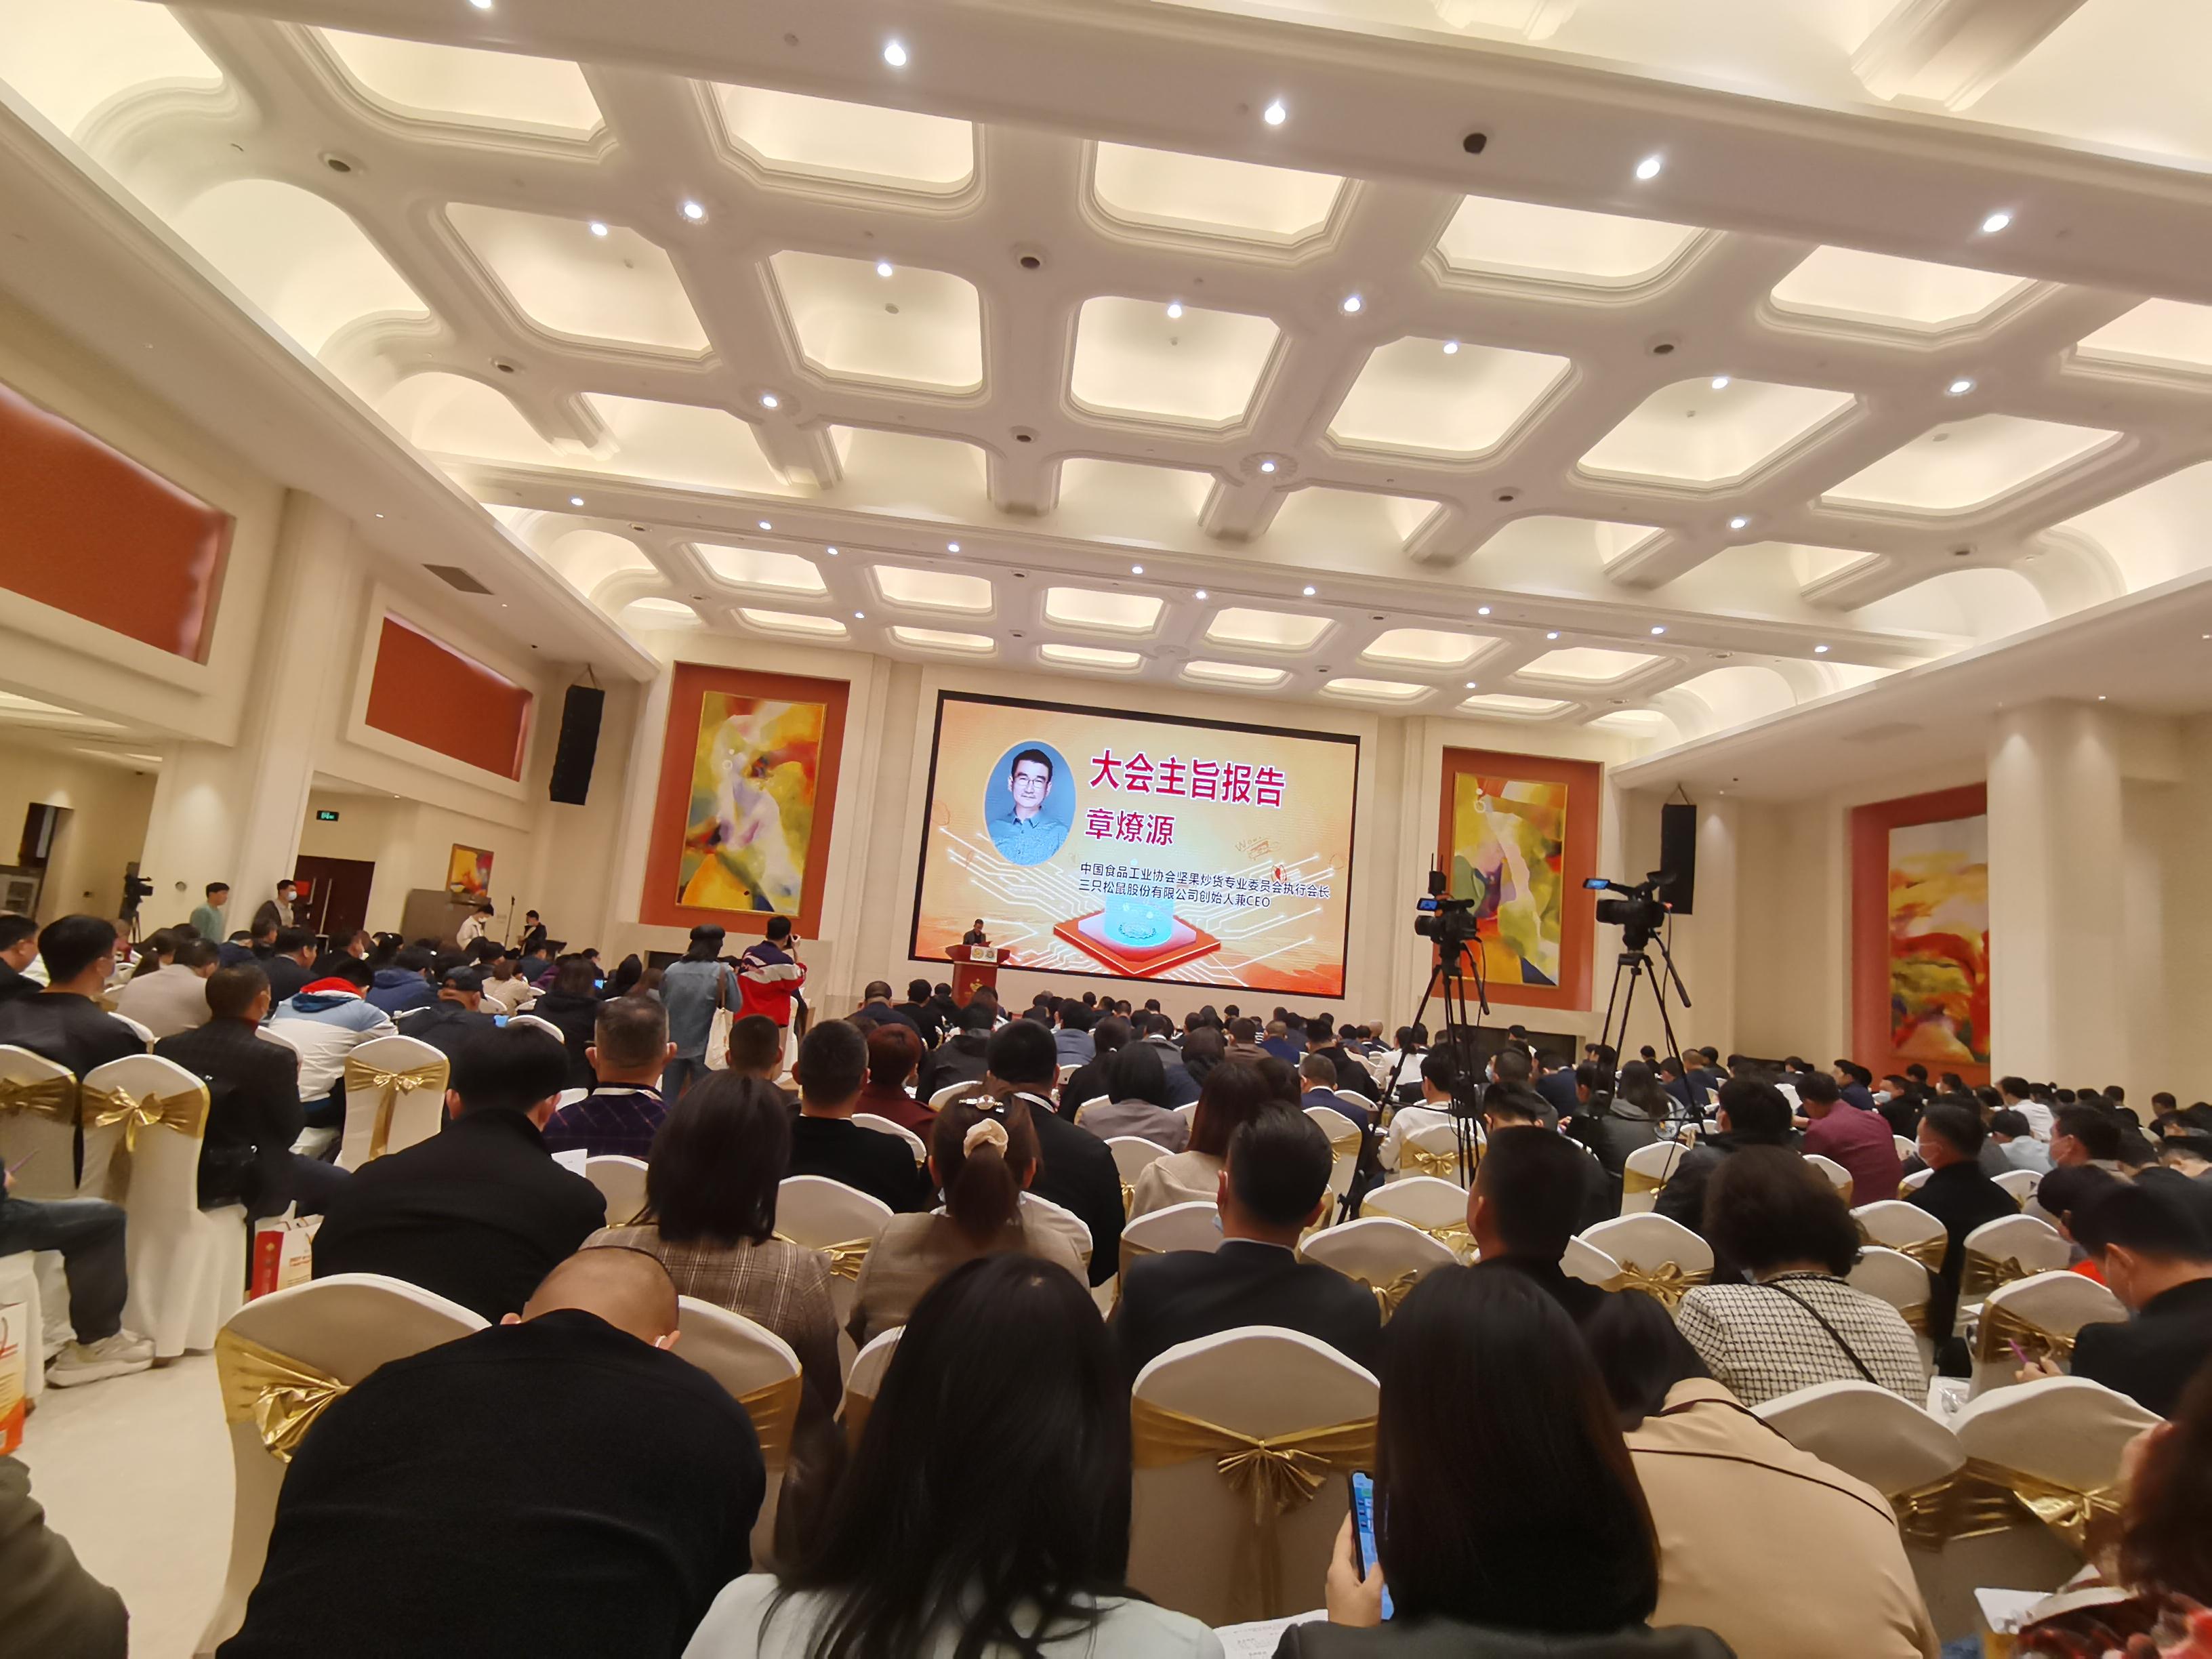 中國堅果籽類種業與加工產業創新發展大會現場圖集